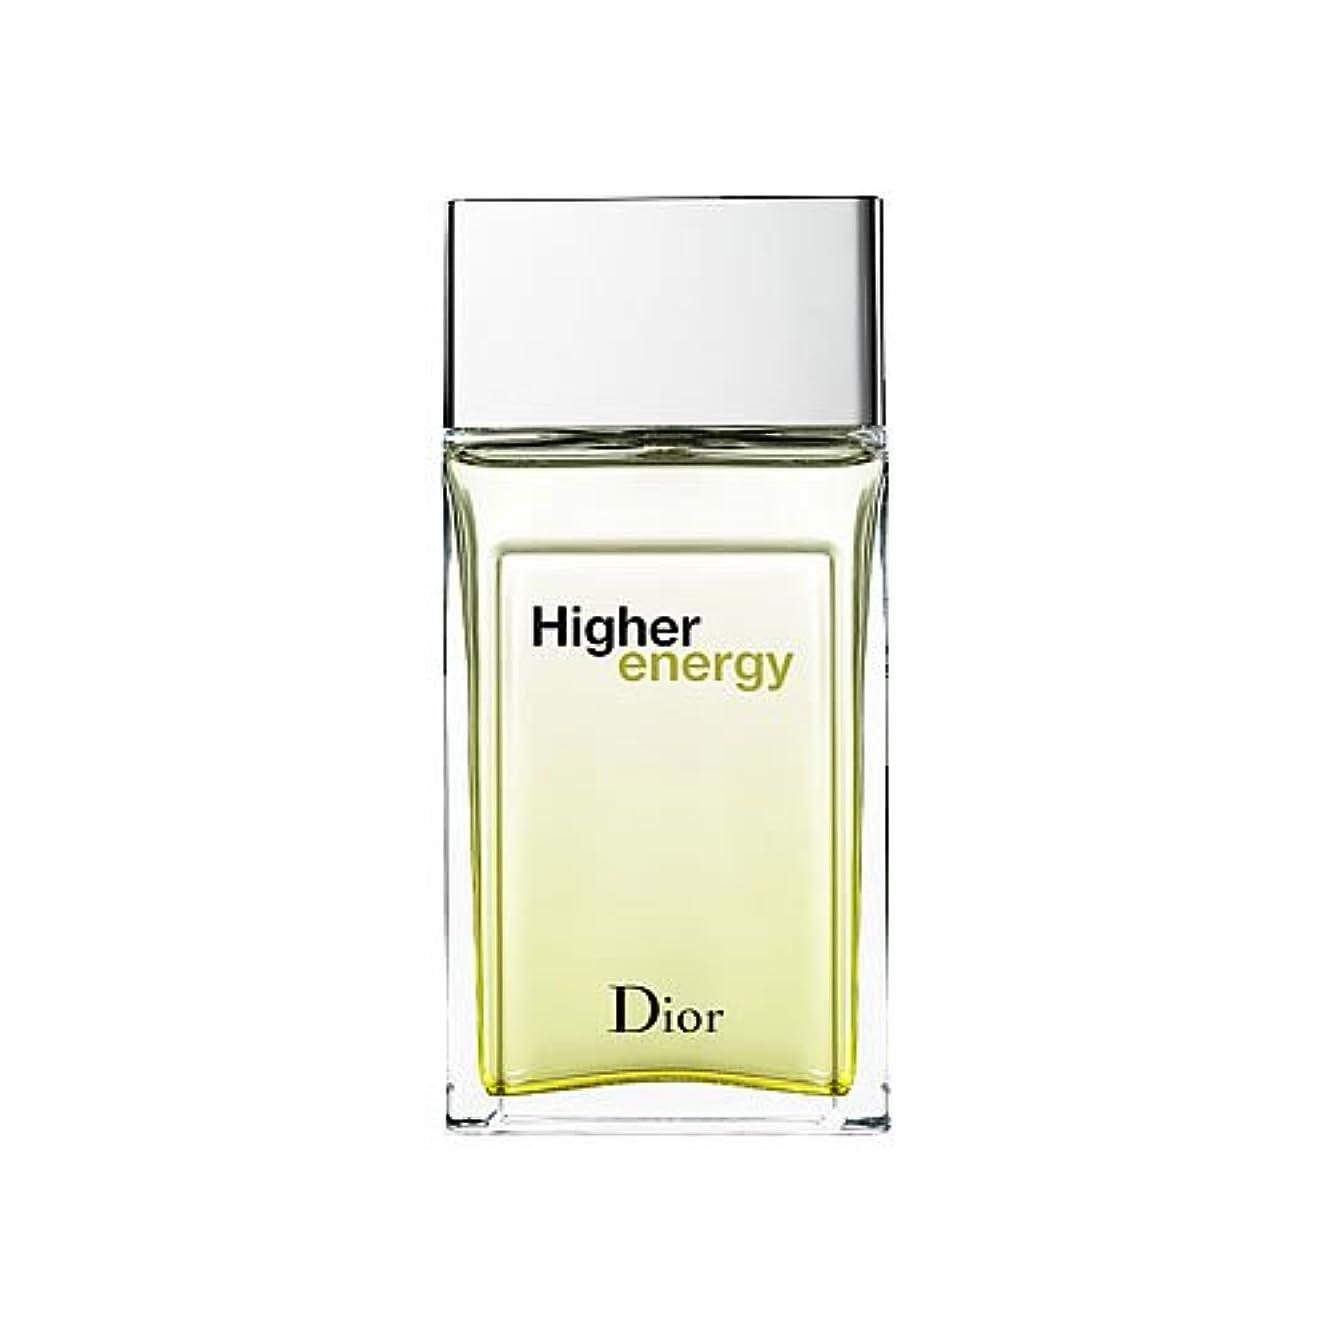 忠実な狂人カカドゥクリスチャン ディオール(Christian Dior) ハイヤー エナジー EDT 100ml[並行輸入品]